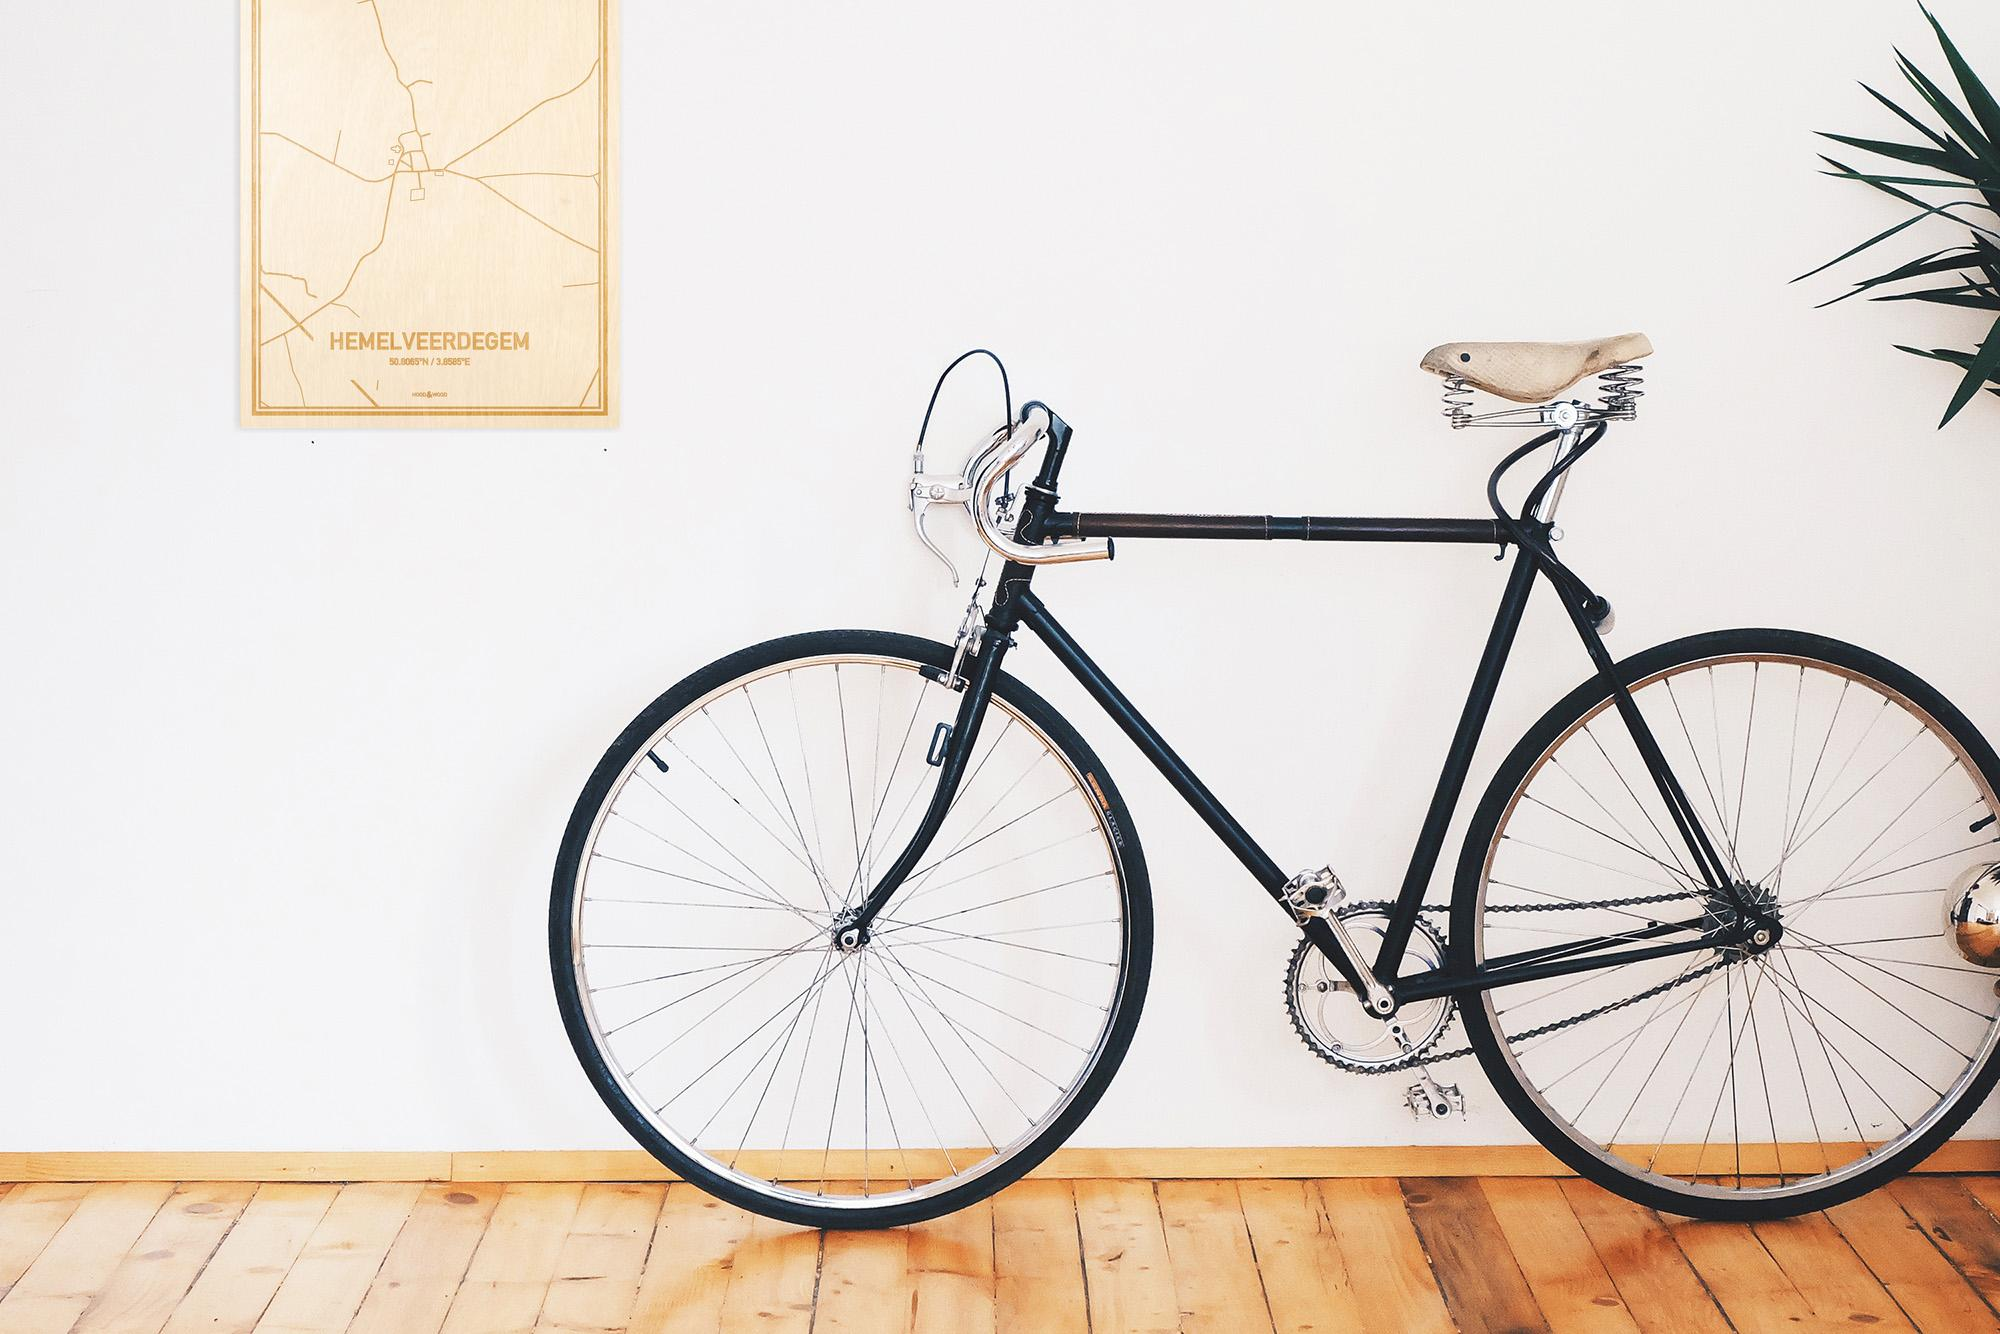 Een snelle fiets in een uniek interieur in Oost-Vlaanderen  met mooie decoratie zoals de plattegrond Hemelveerdegem.